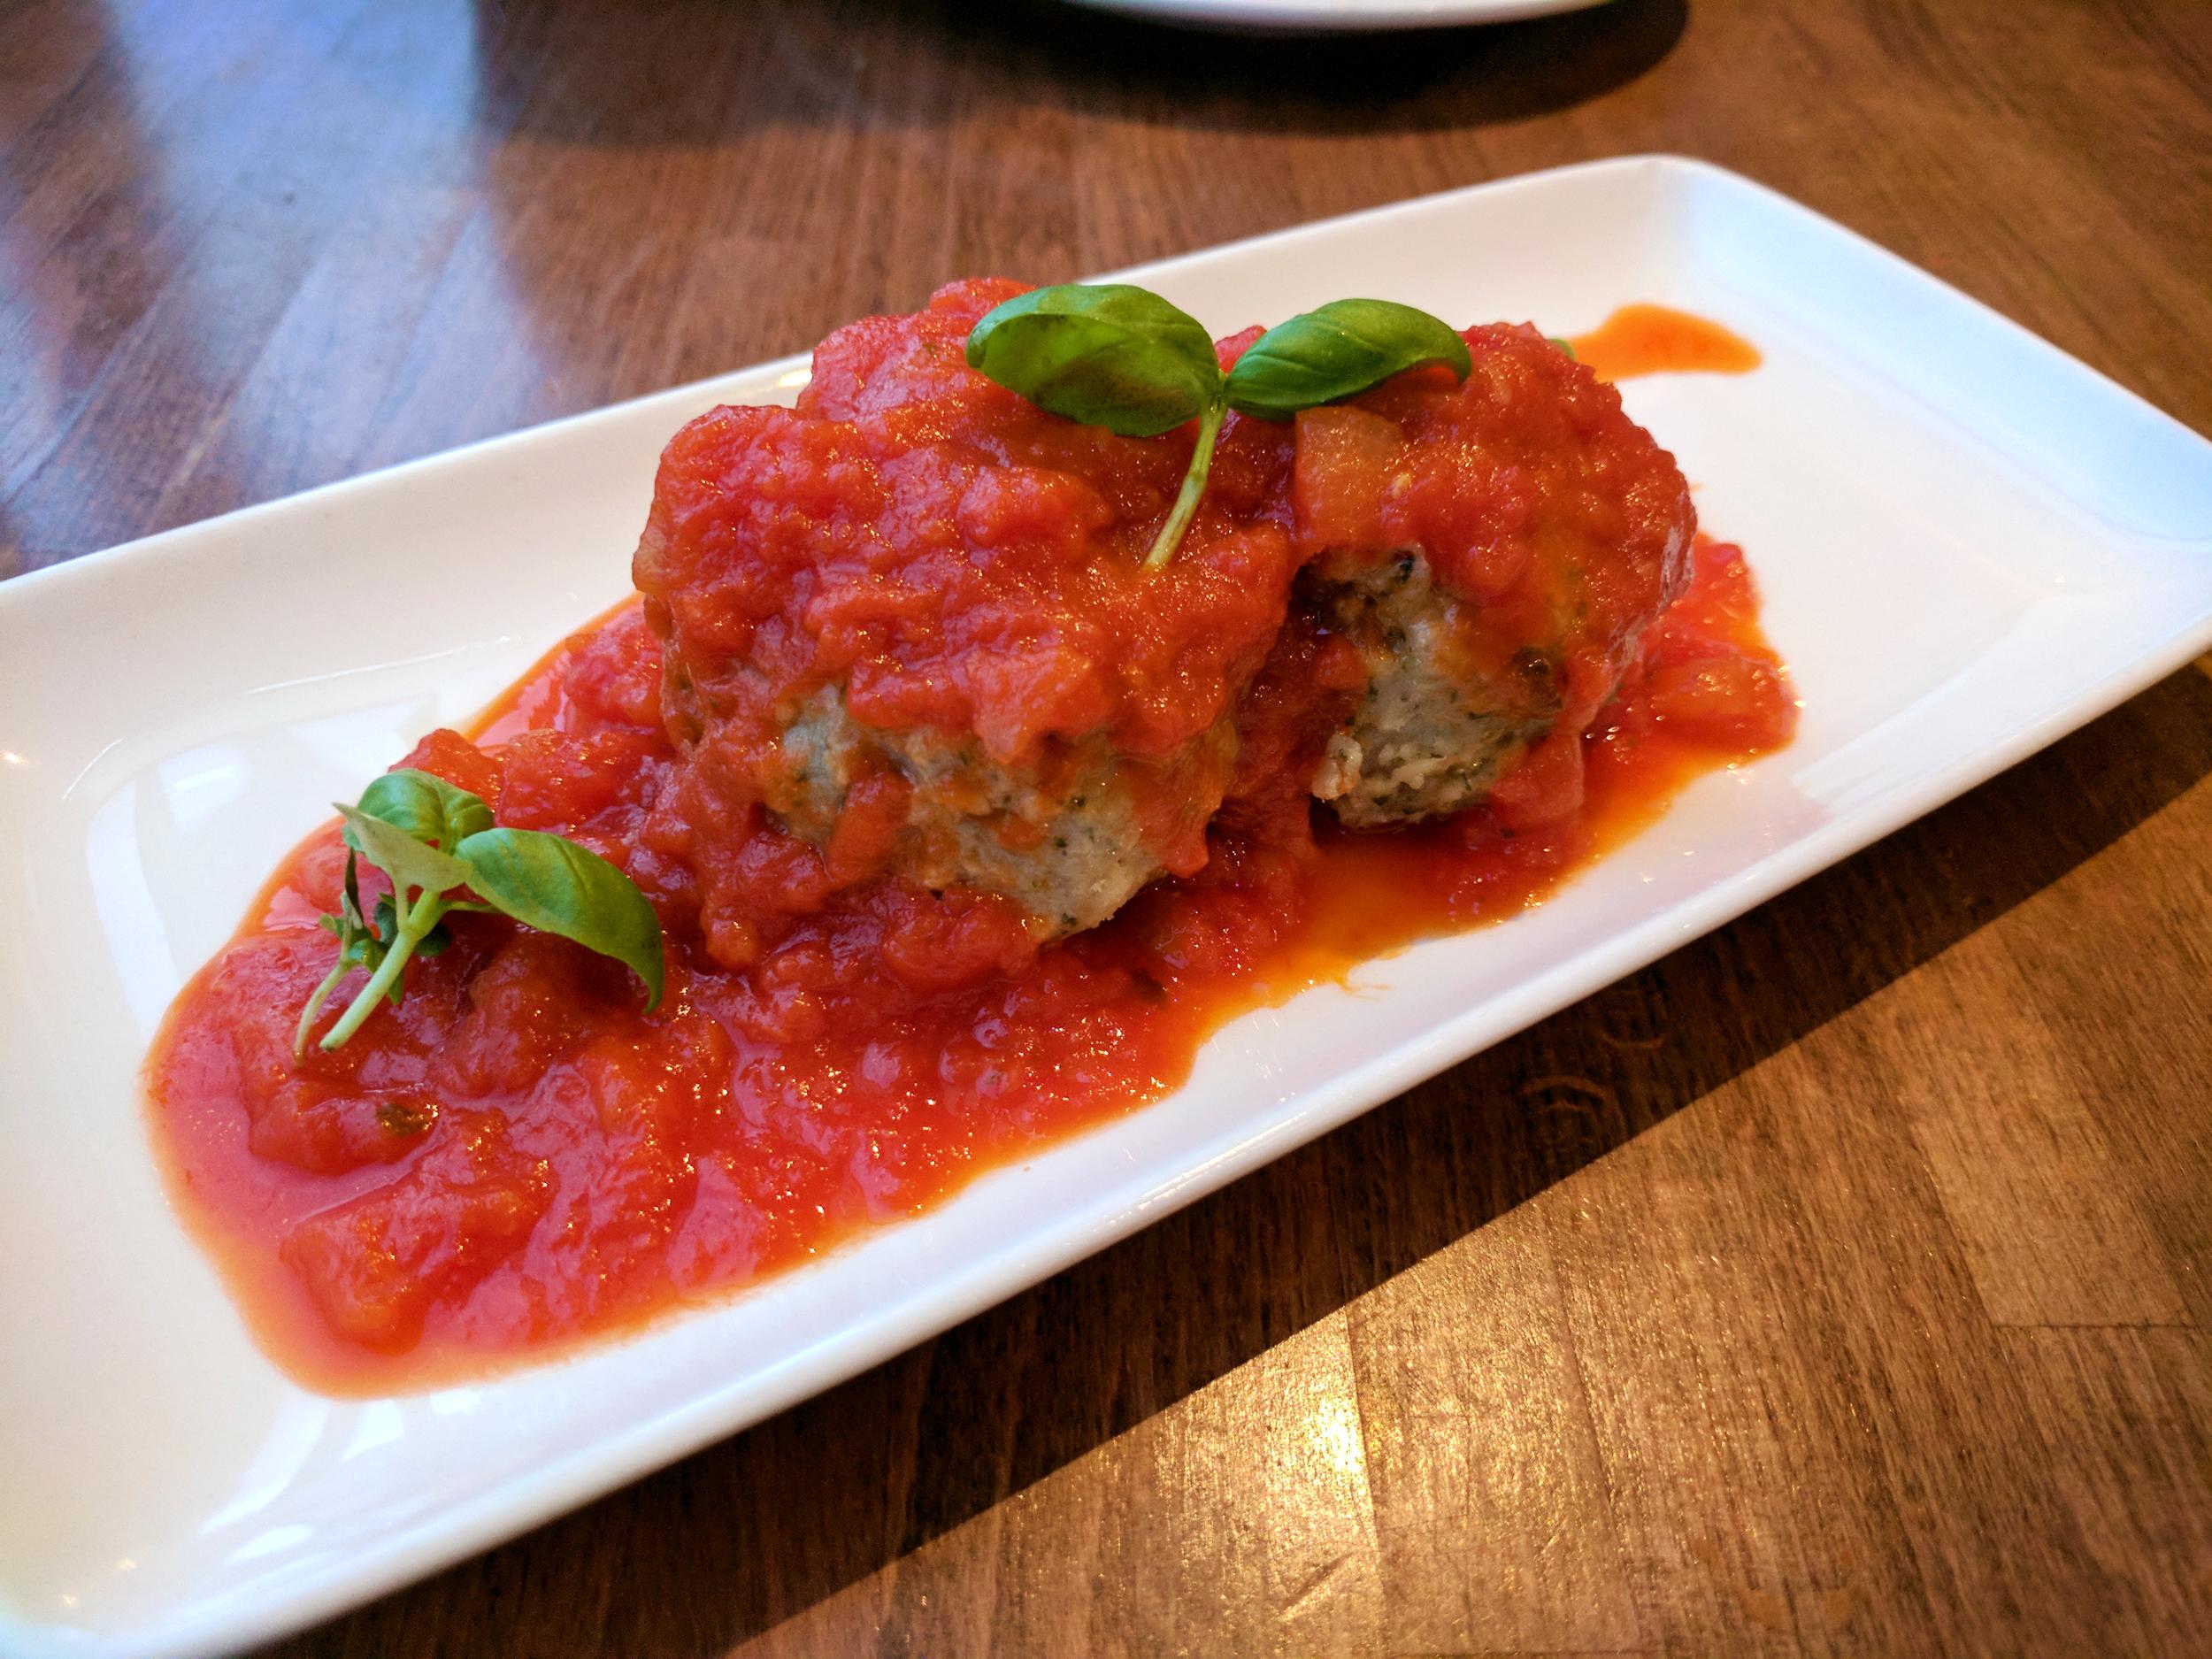 Giant Meatballs from Prezzo